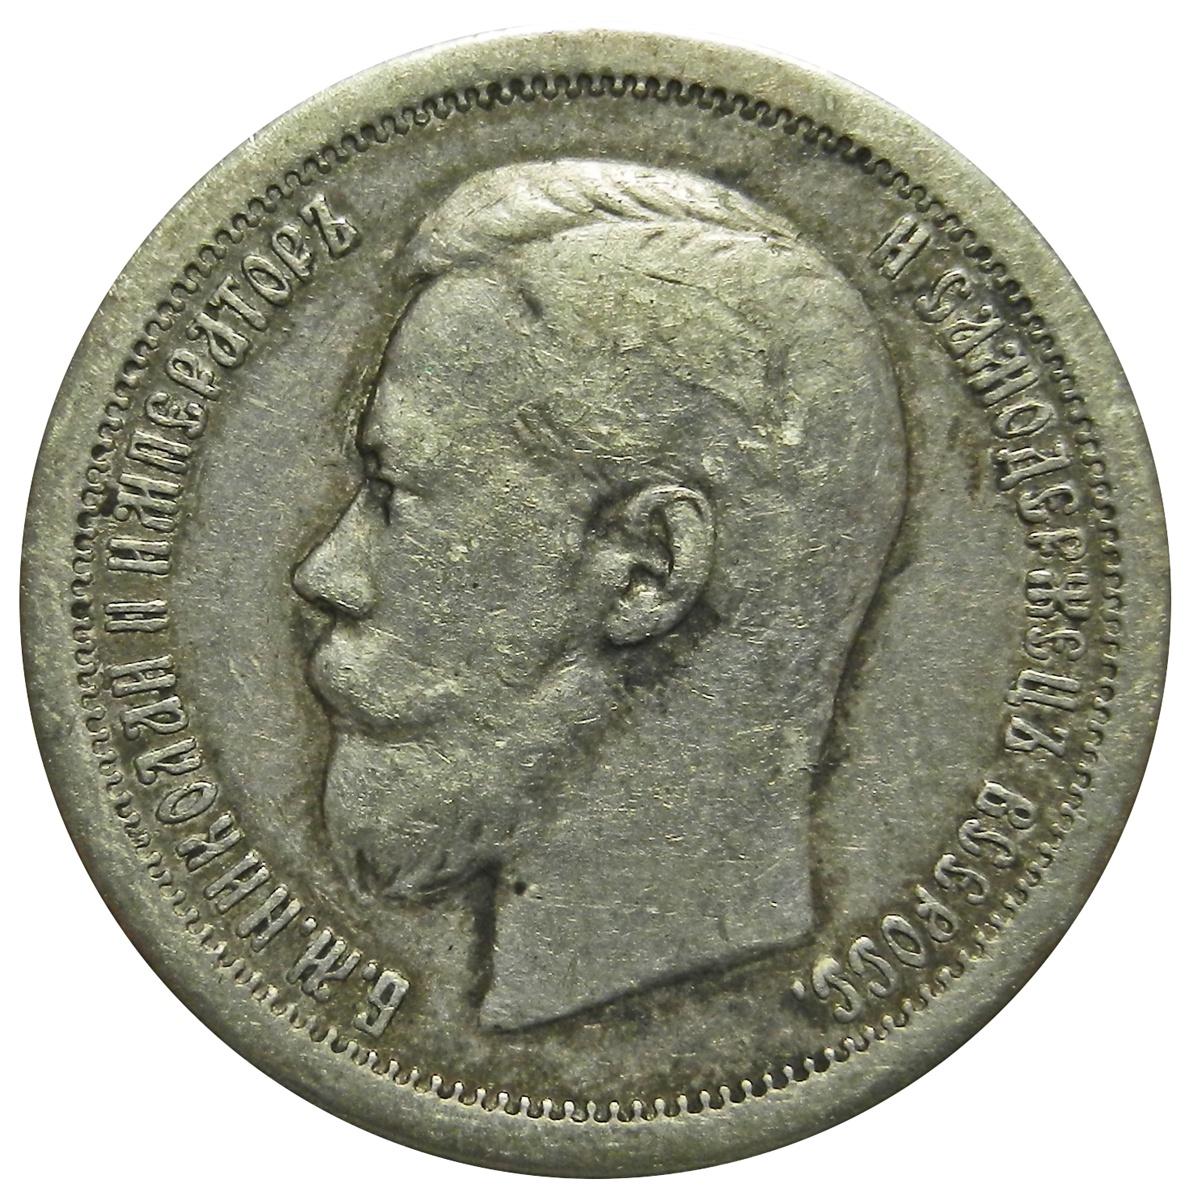 Монета 50 копеек. Российская Империя, 1896 год (Одна звезда (Париж)) XF